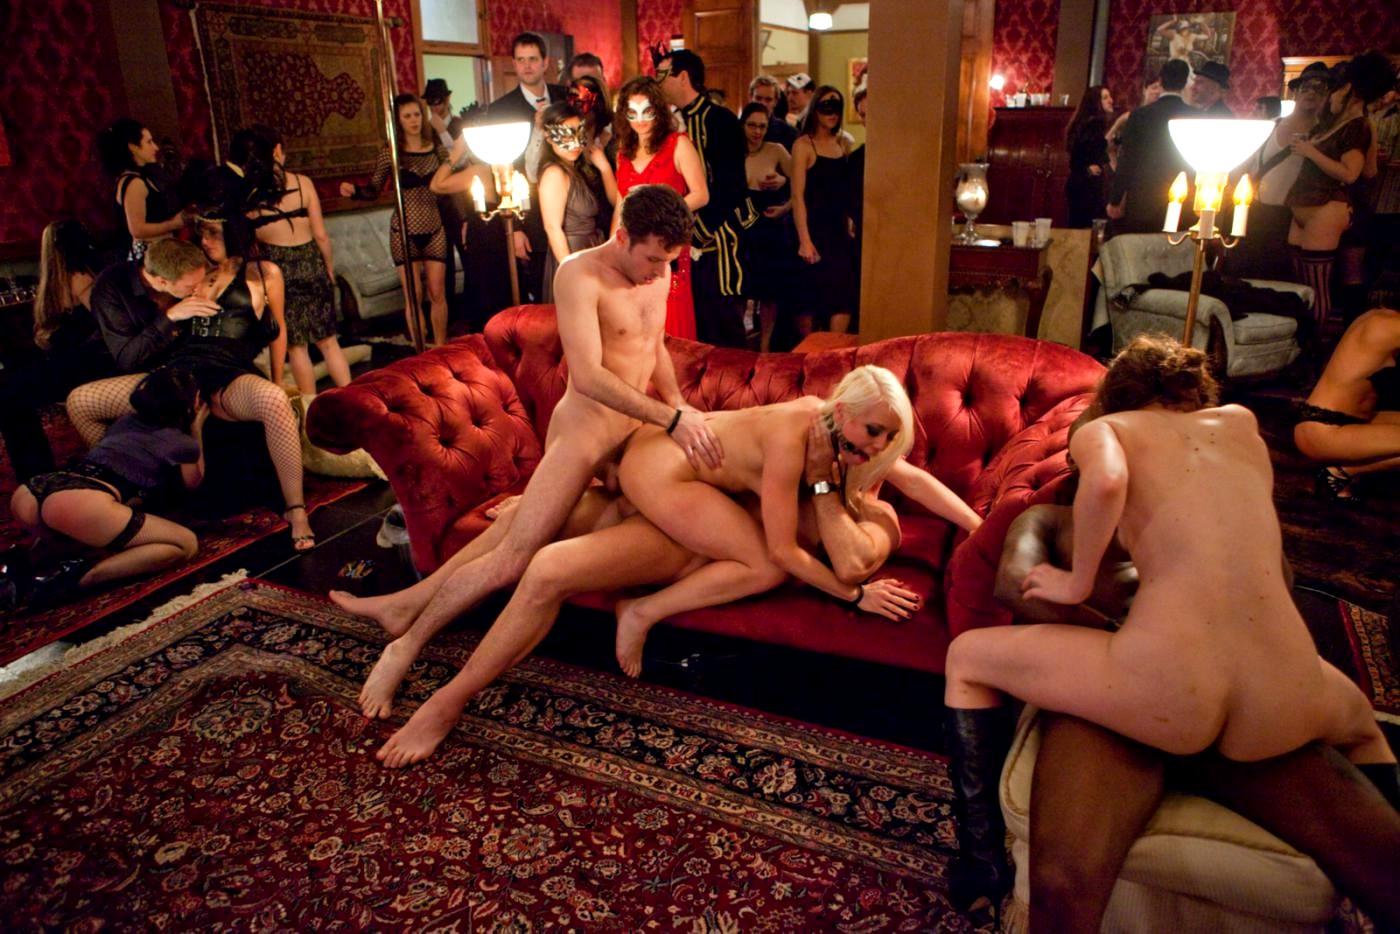 Развратное поколение порно смотреть, Полный разврат в виде группового секса и красавице 26 фотография